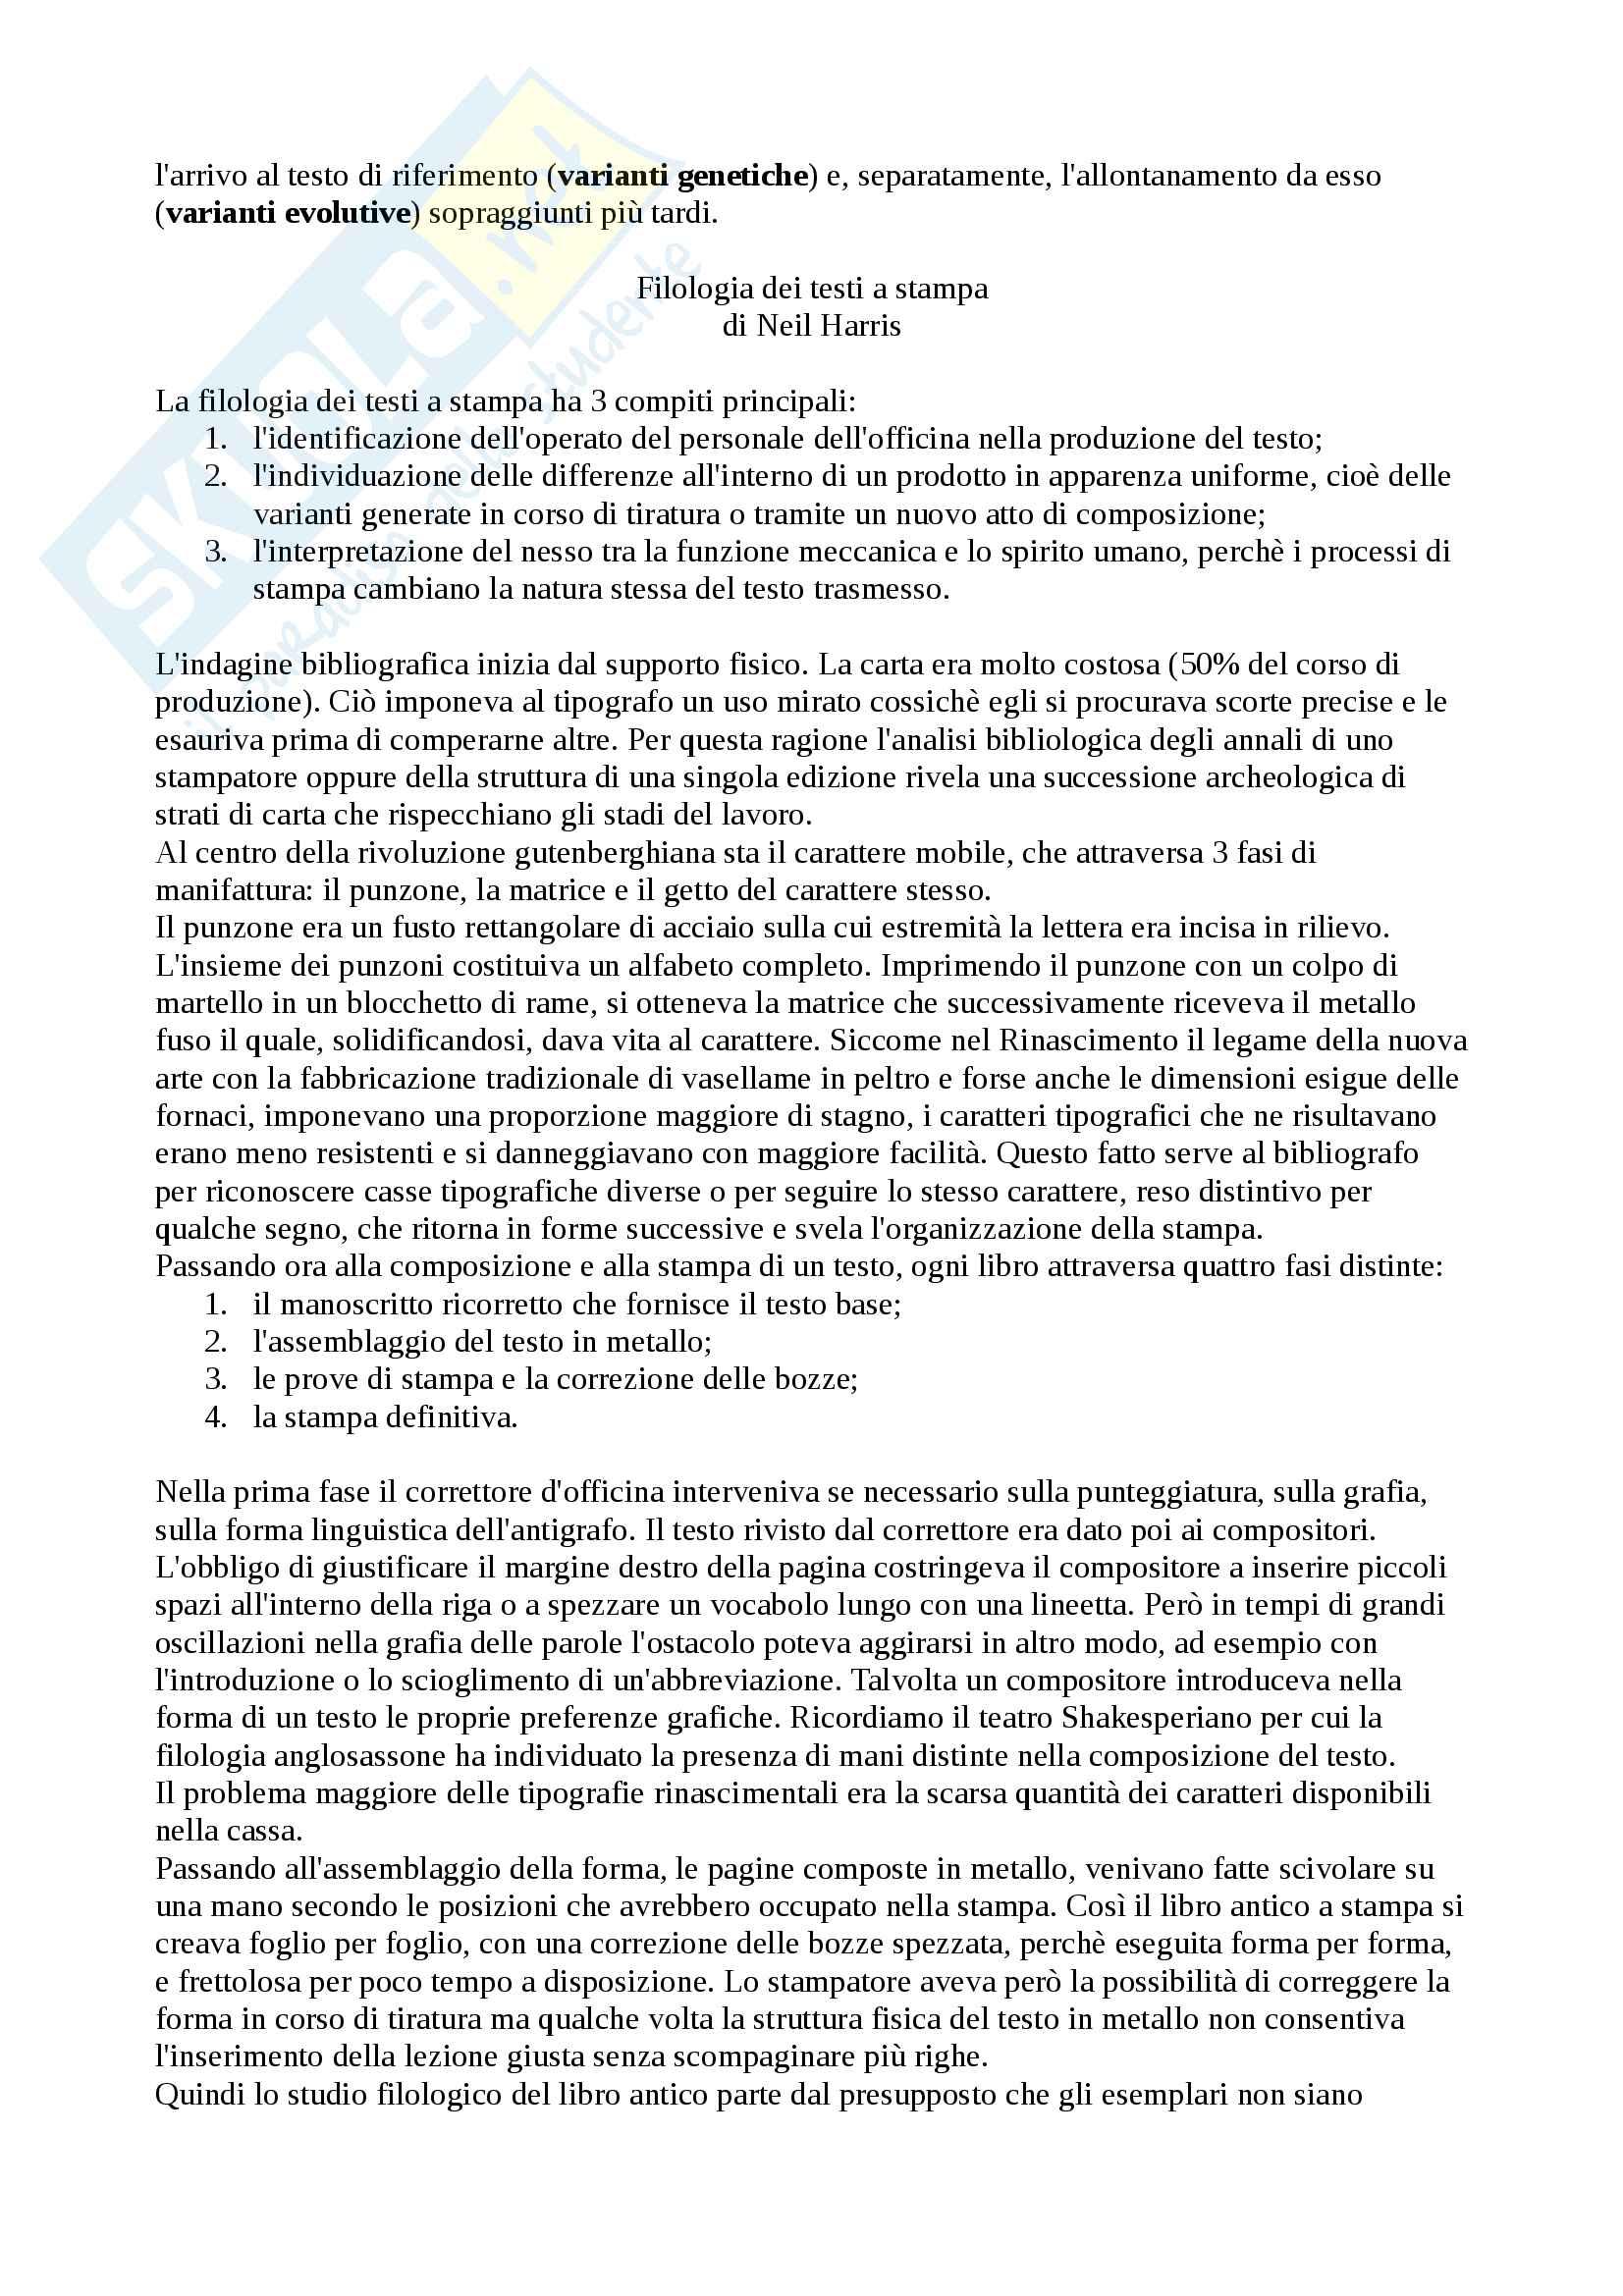 Riassunto esame Filologia Italiana, docente Lorenzi Cristiano, libro consigliato Fondamenti di Critica Testuale, Stussi Pag. 16